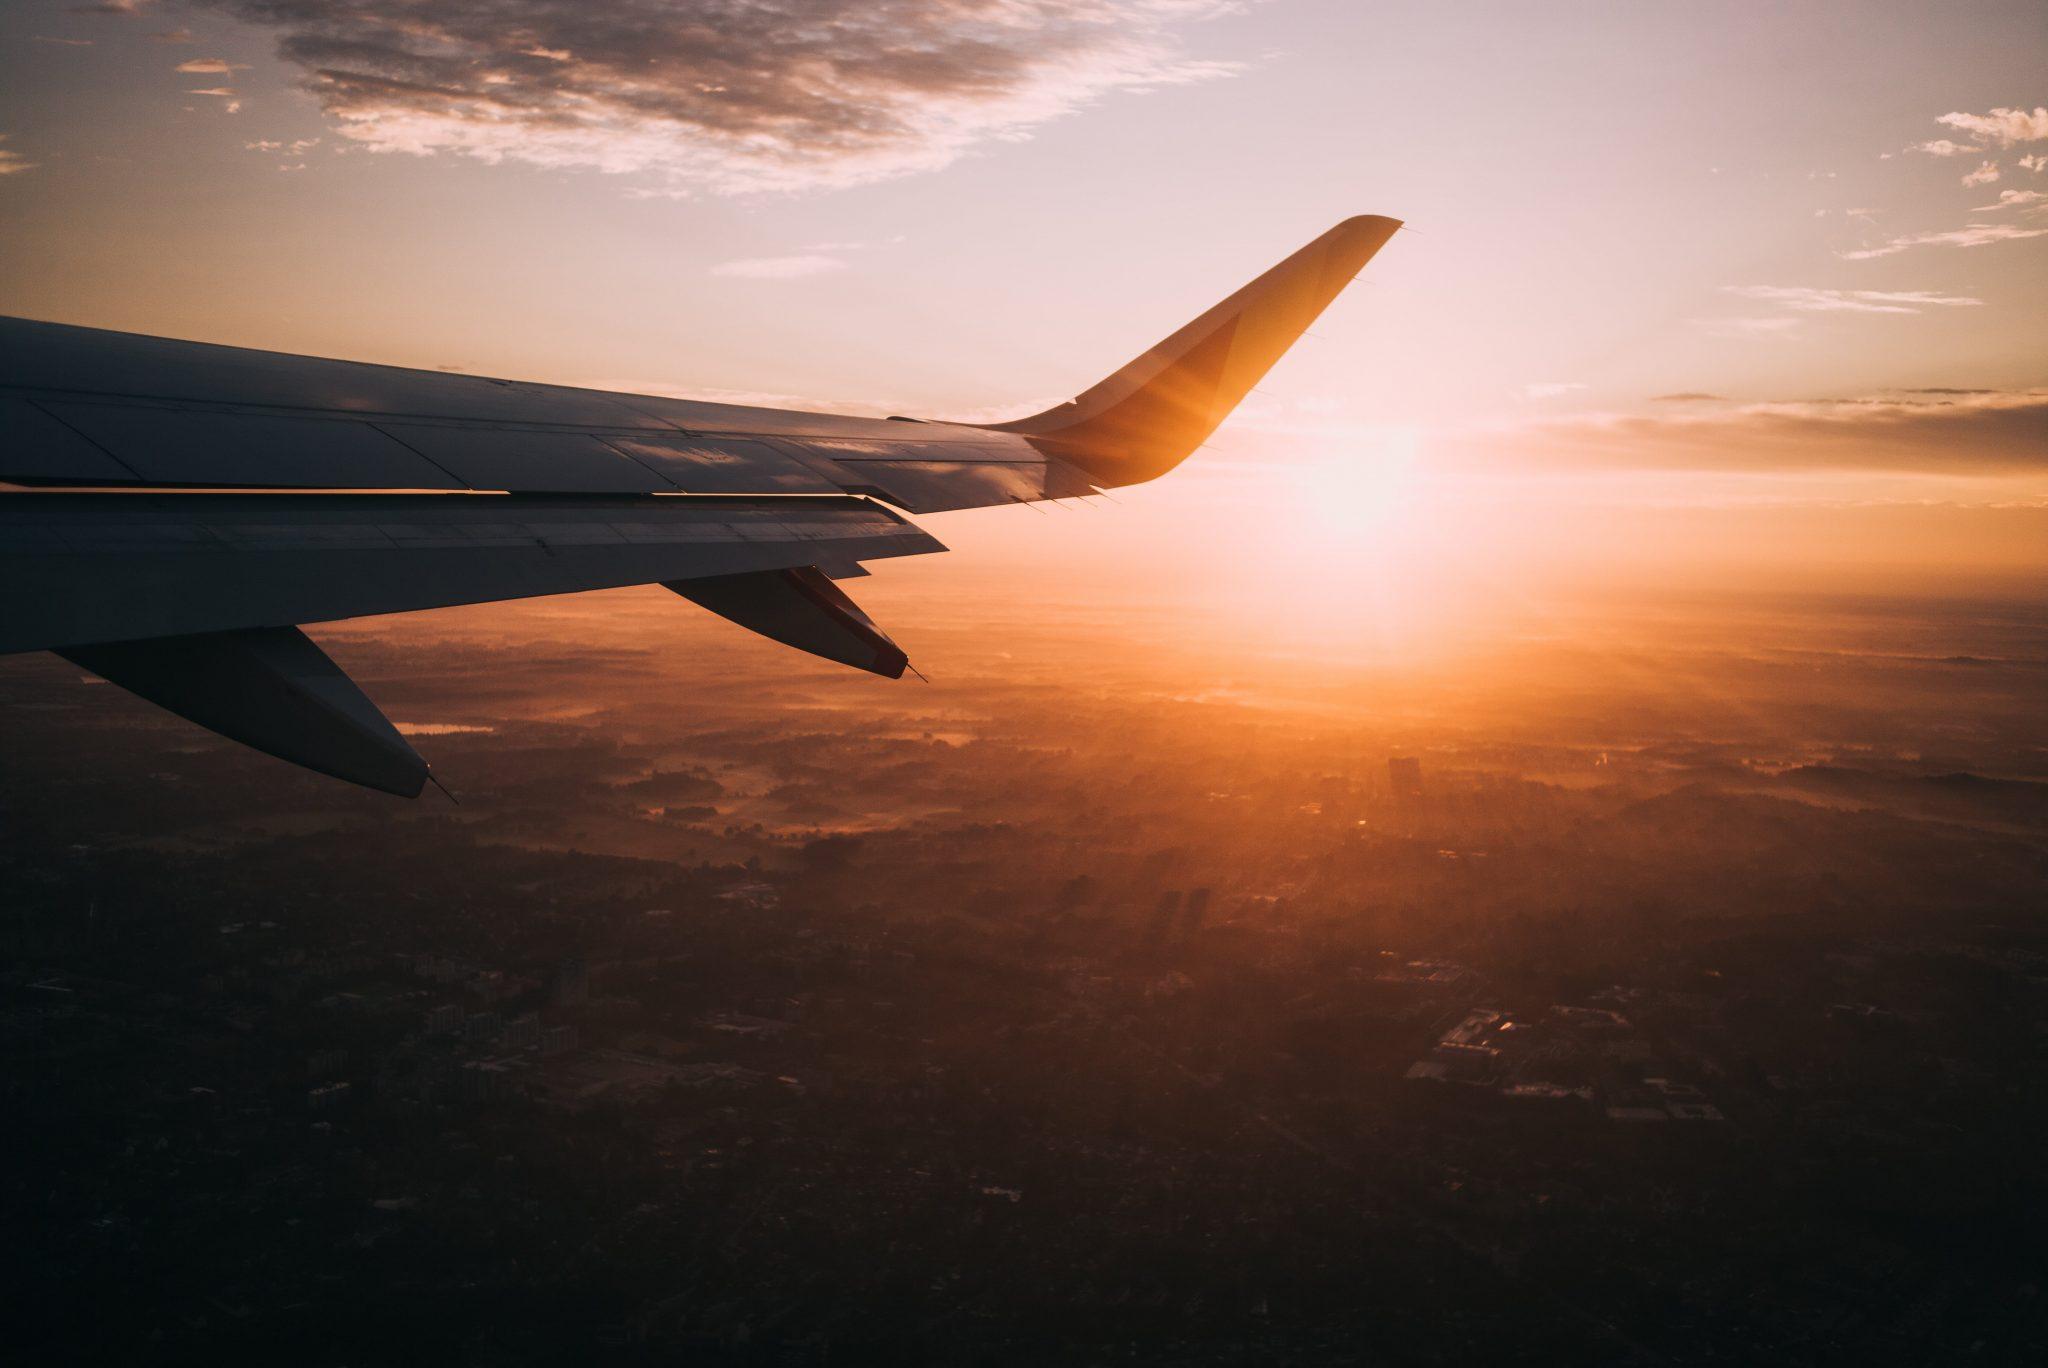 Voli interni tra le isole Hawaii: cosa sapere e quale compagnia scegliere consigli suggerimenti volo viaggio viaggi meteo Google informazione aiuto